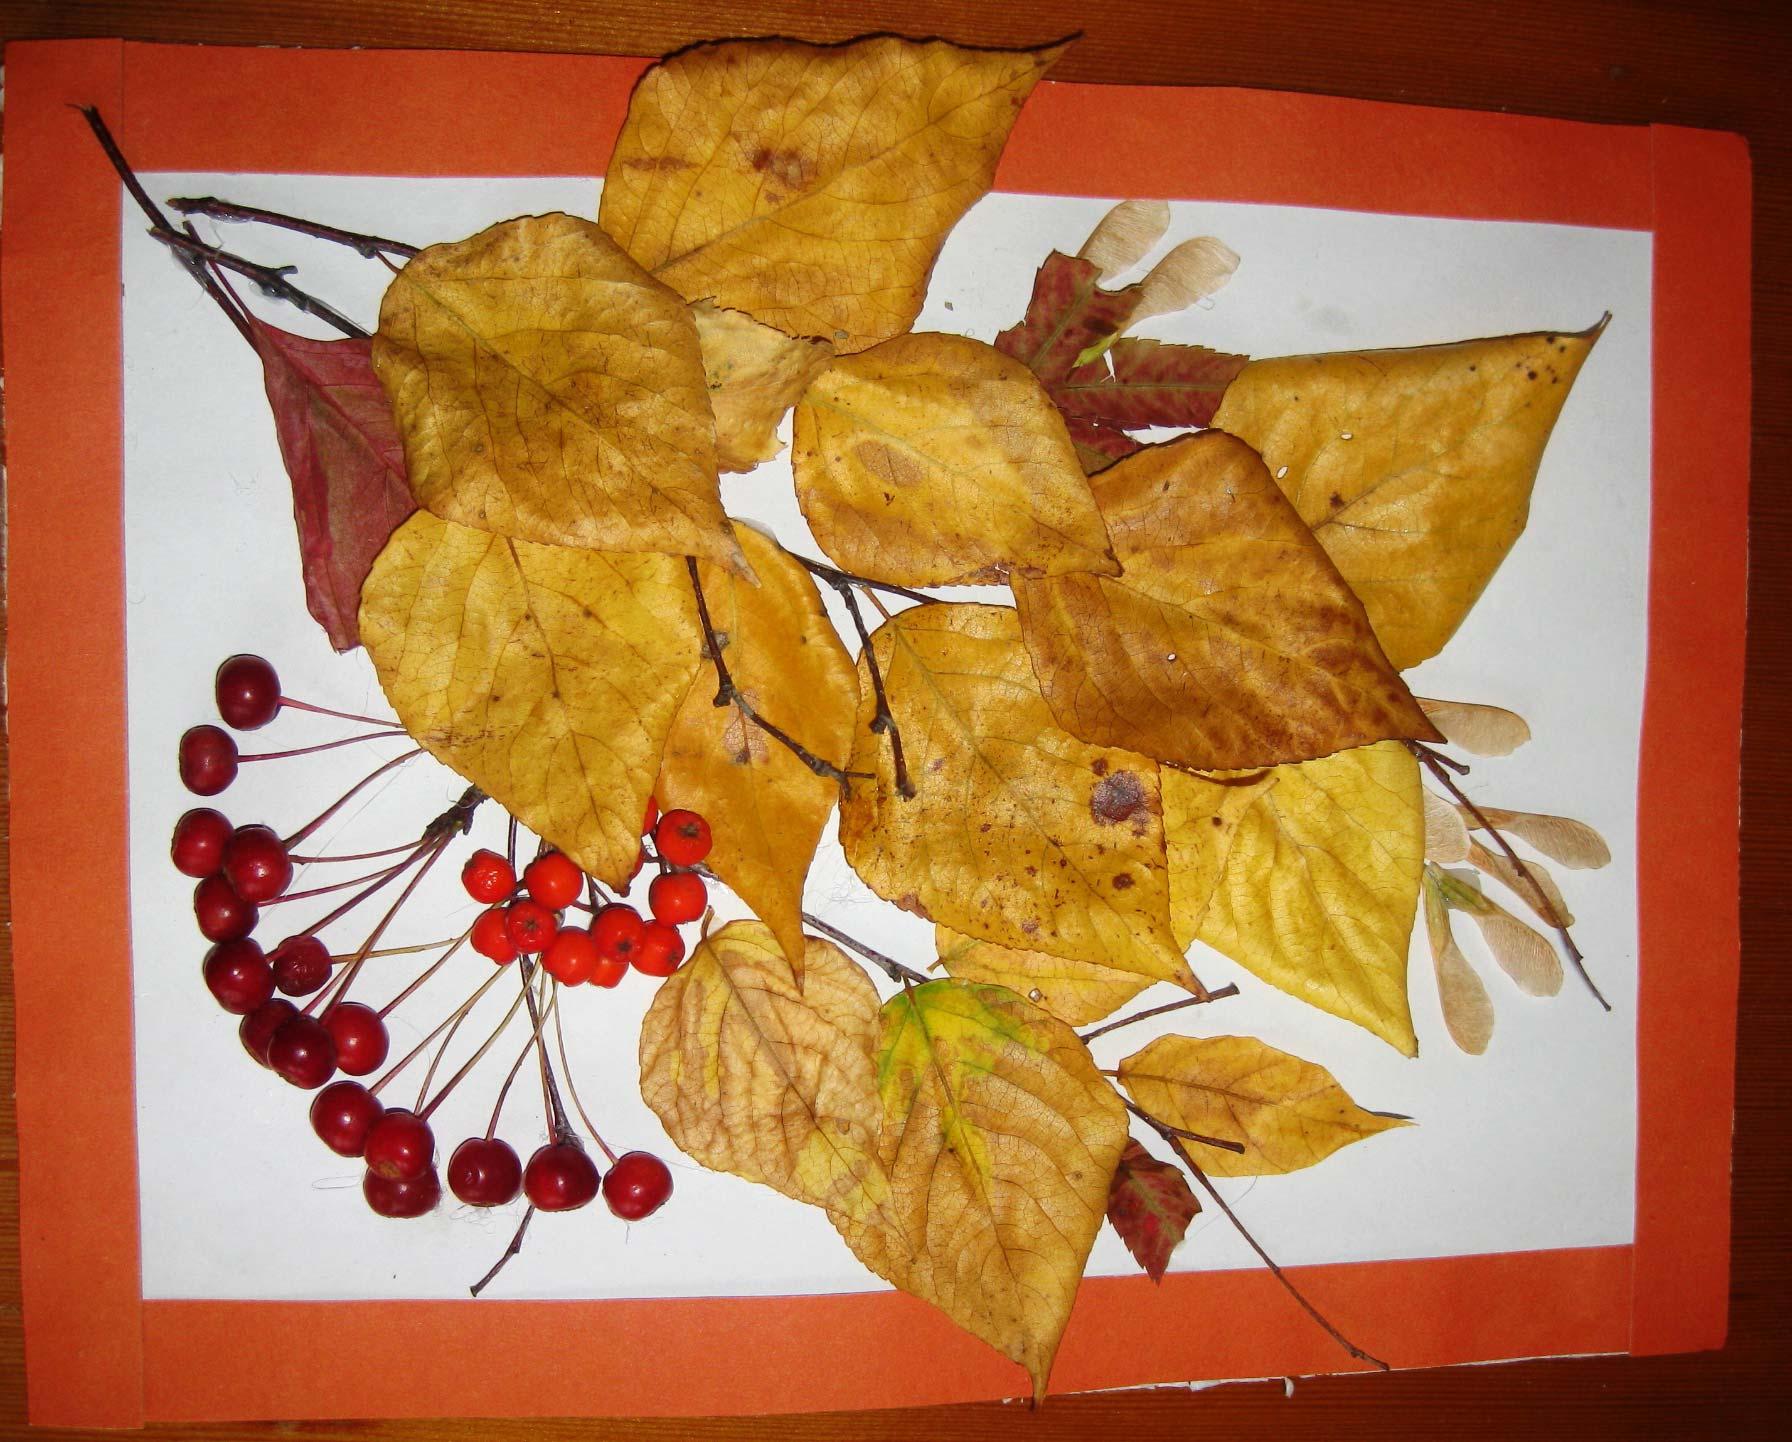 Осенние поделки: 25 идей для детского творчества и украшения интерьера 12